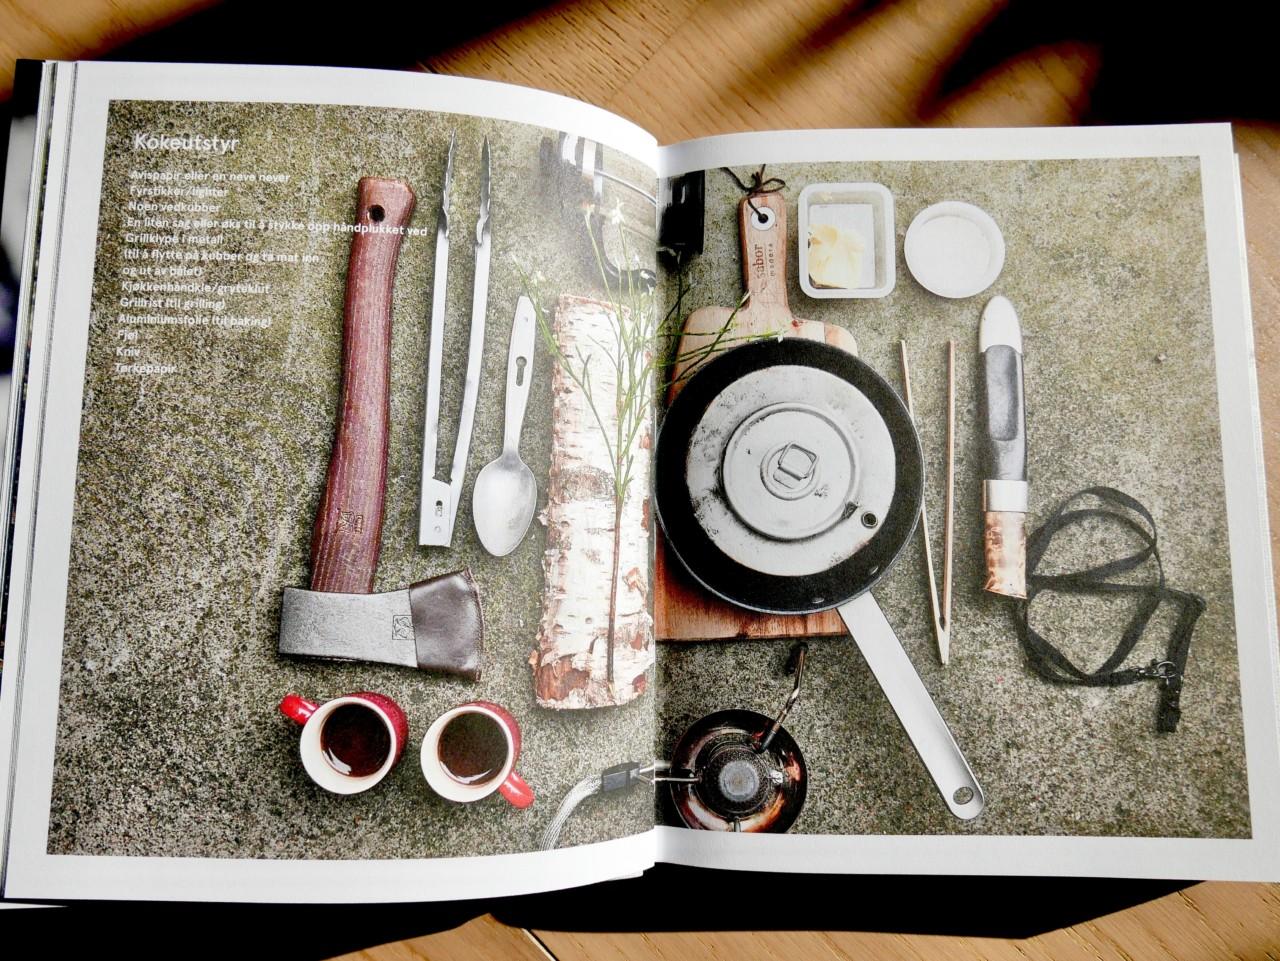 koke-utstyr-handplukk-sanking-bok-green-house